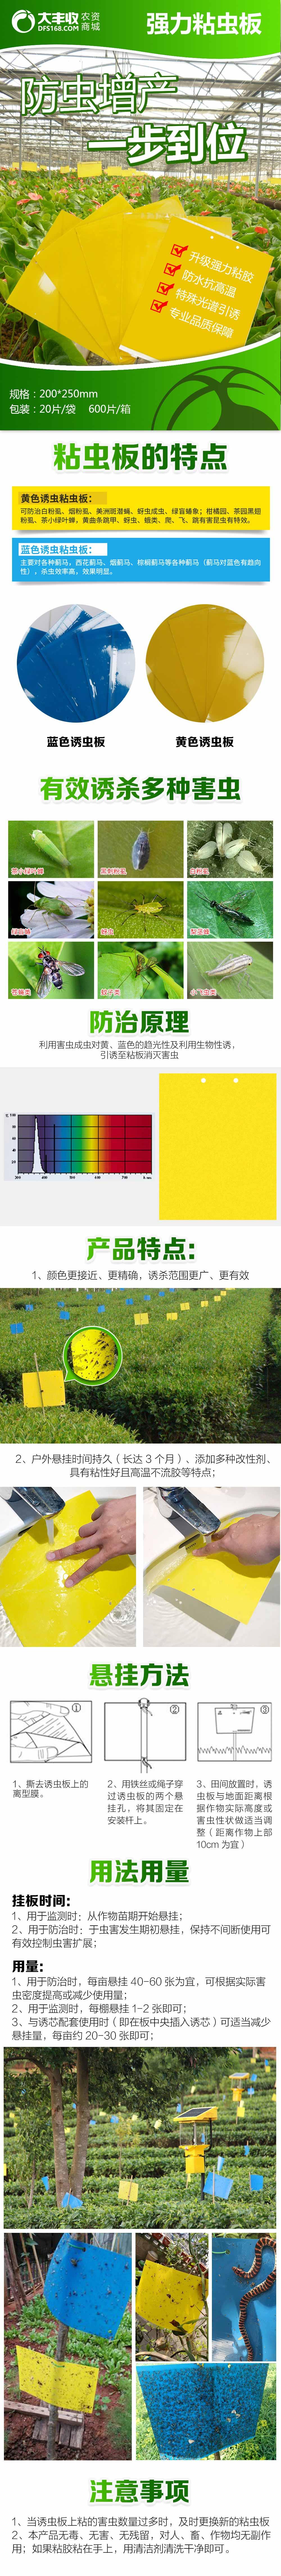 纸诱虫黄板&蓝板-商详--小.jpg